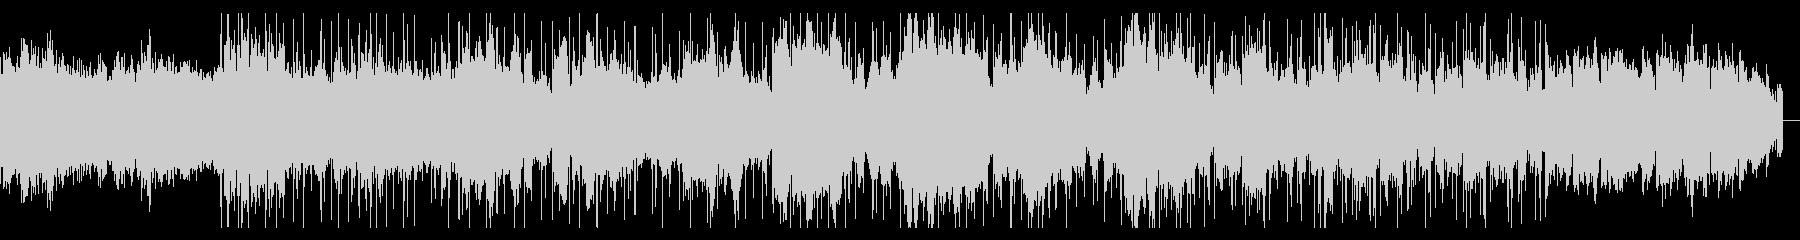 デジタルダークなテクスチャIDMの未再生の波形